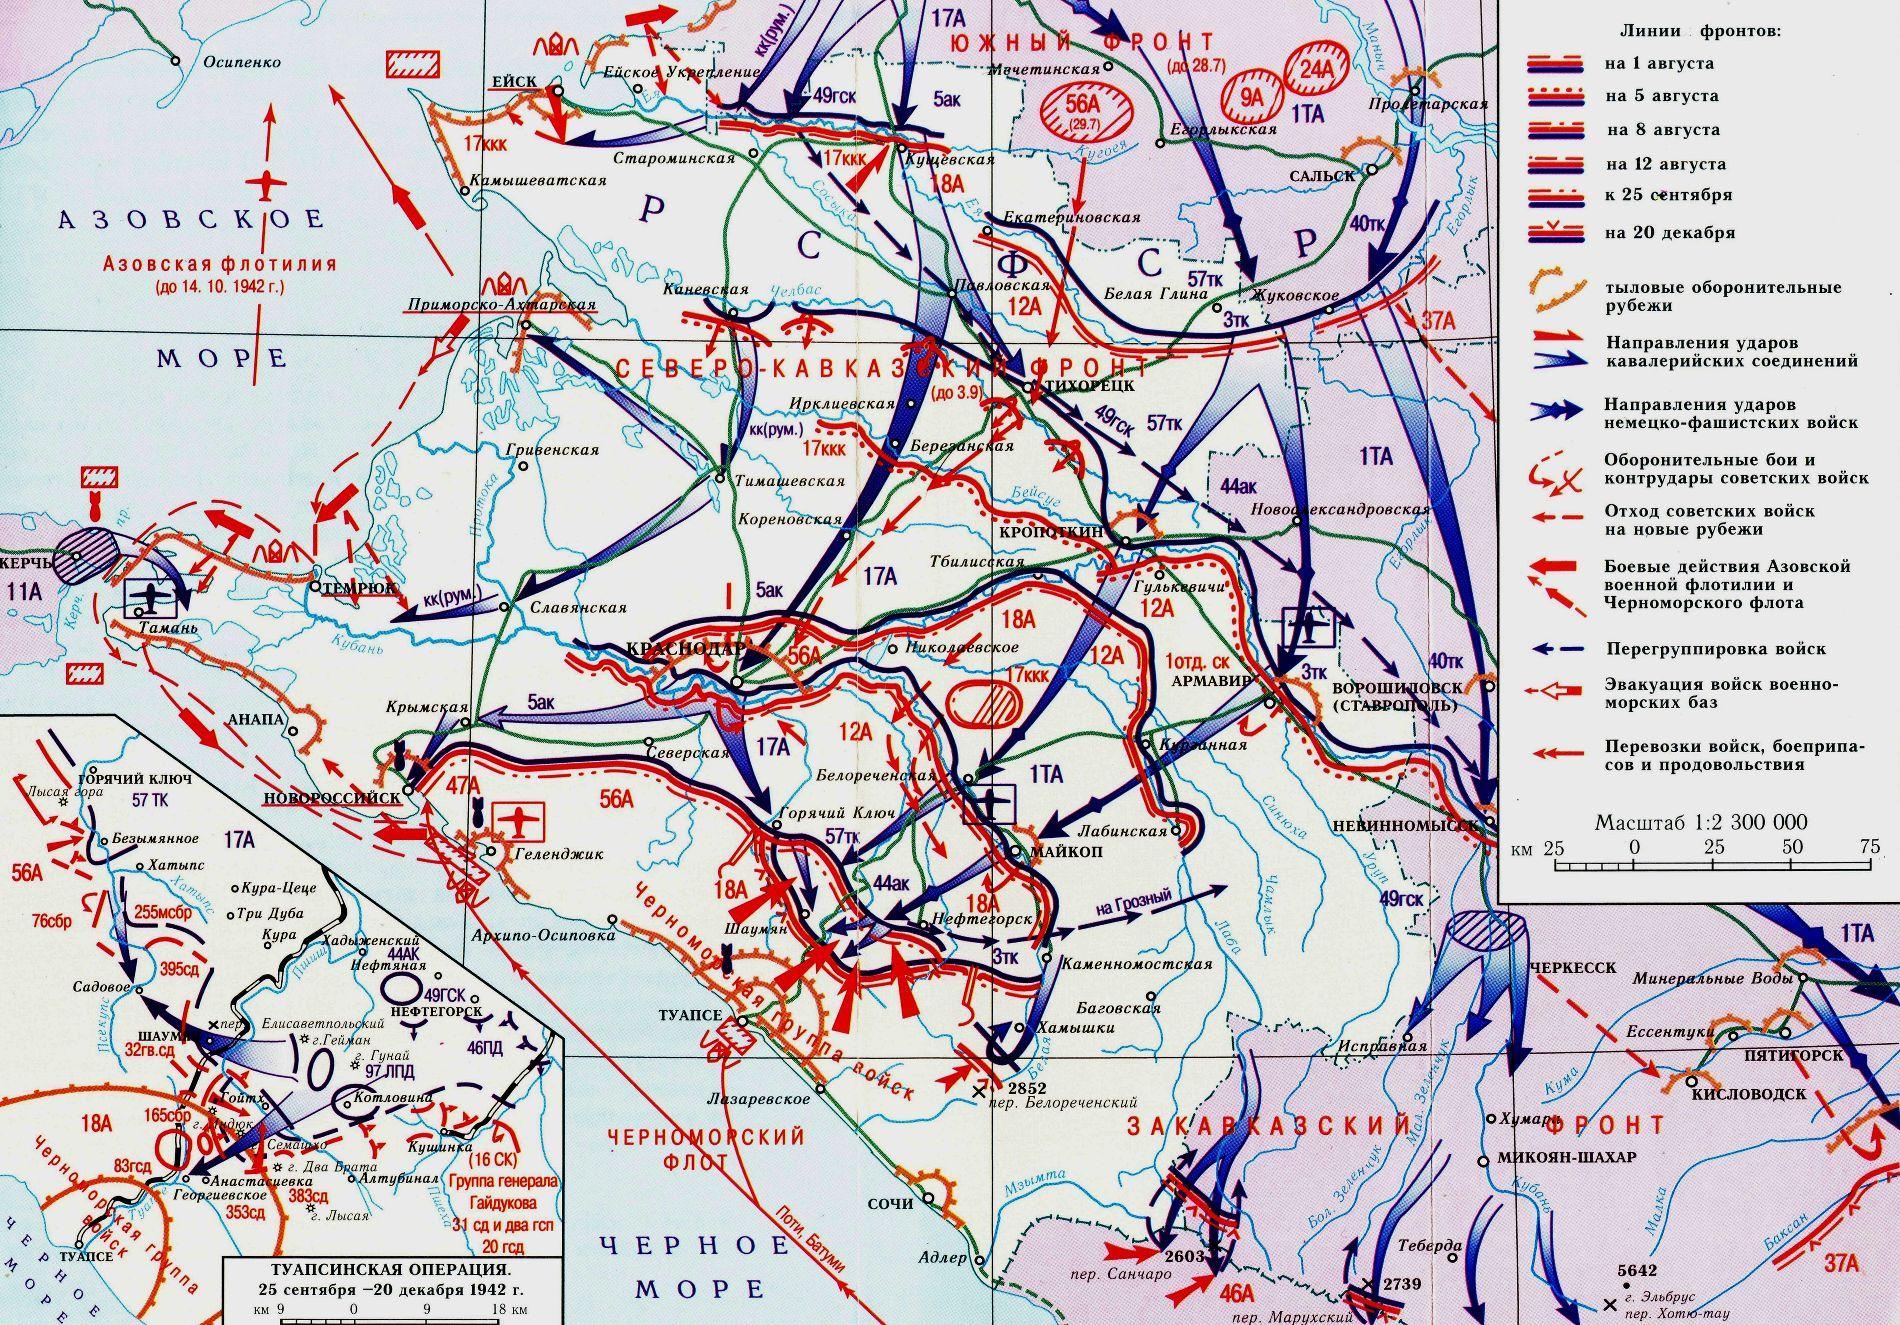 Оборона Кубани, 1942 год ©Карта из книги «Кубань в годы Великой Отечественной  войны. 1941–1945: Рассекреченные документы. Хроника событий»